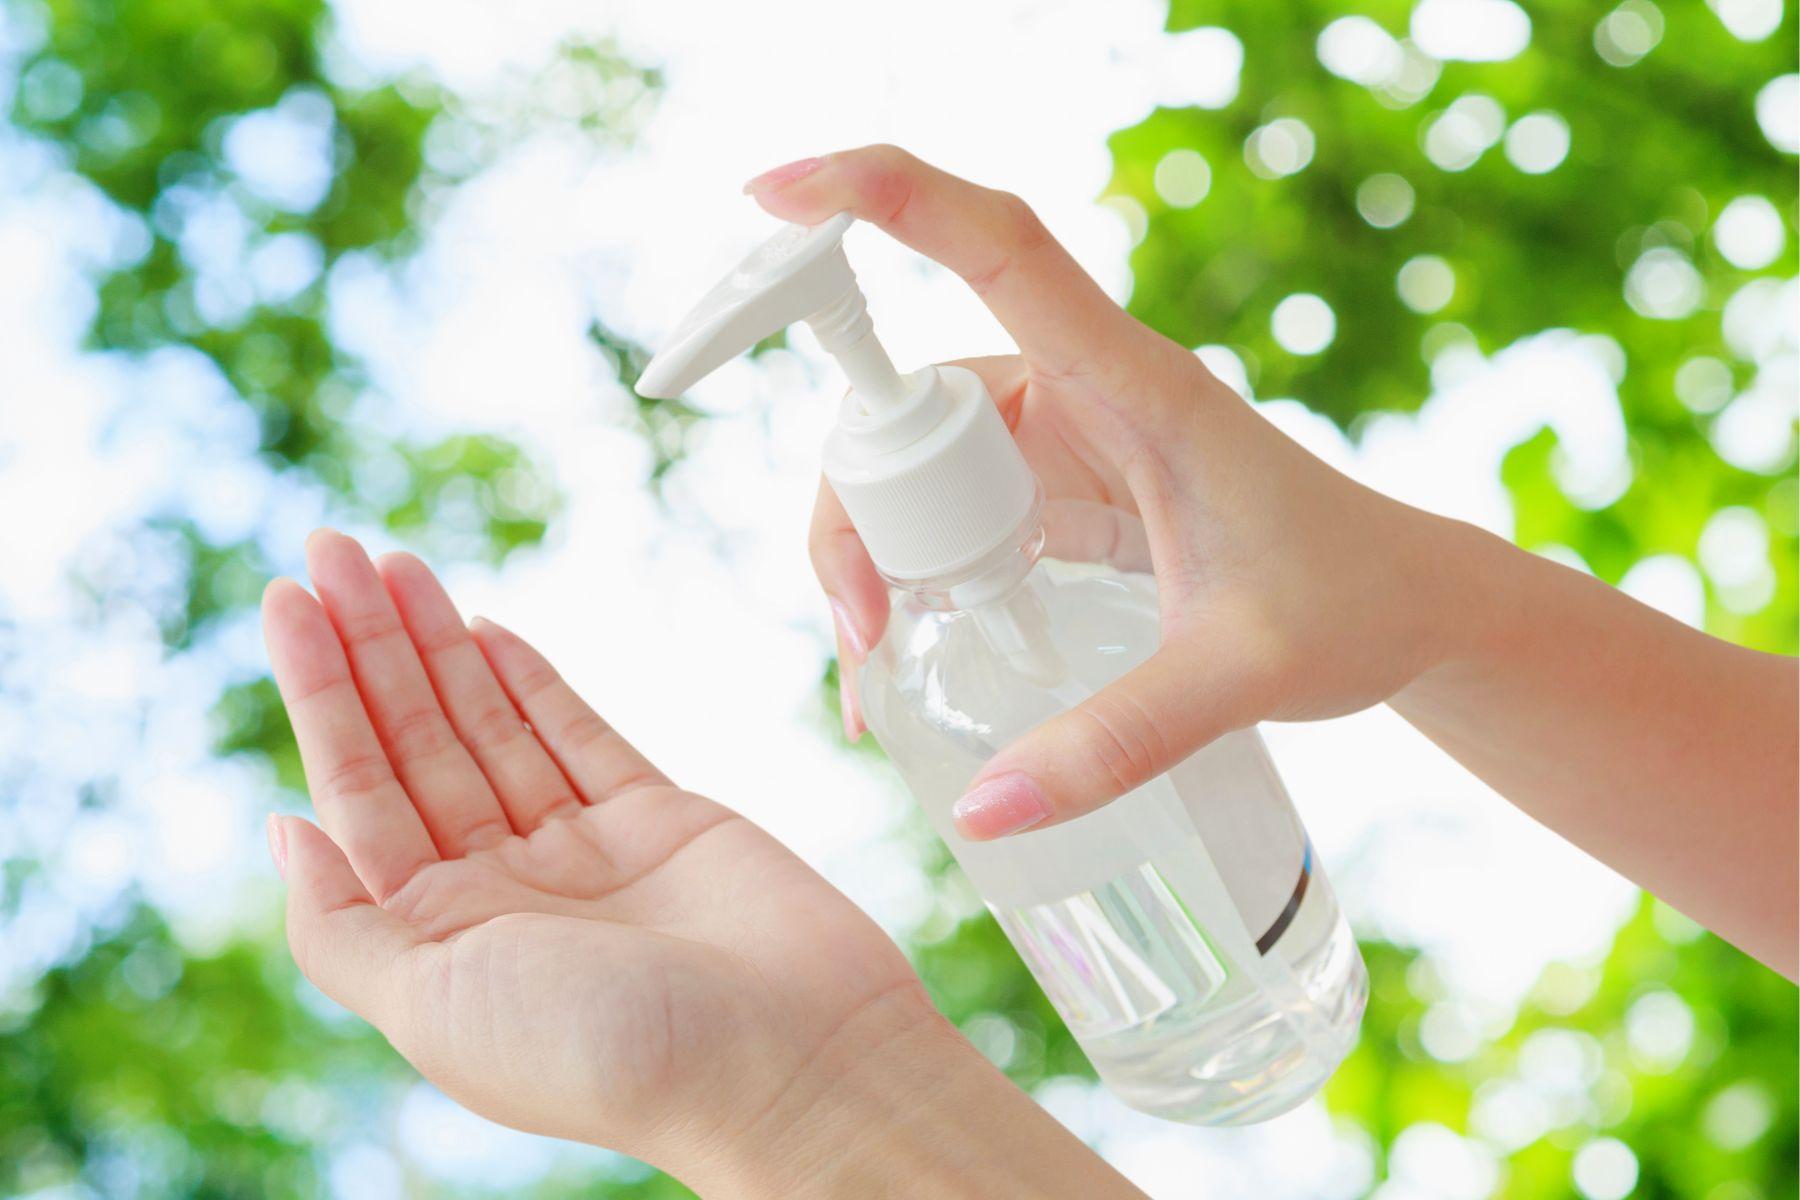 武漢肺炎》自製「酒精性乾洗手」殺菌消毒,75%酒精和90%哪種好?感染科醫師:多做1步驟減少過敏